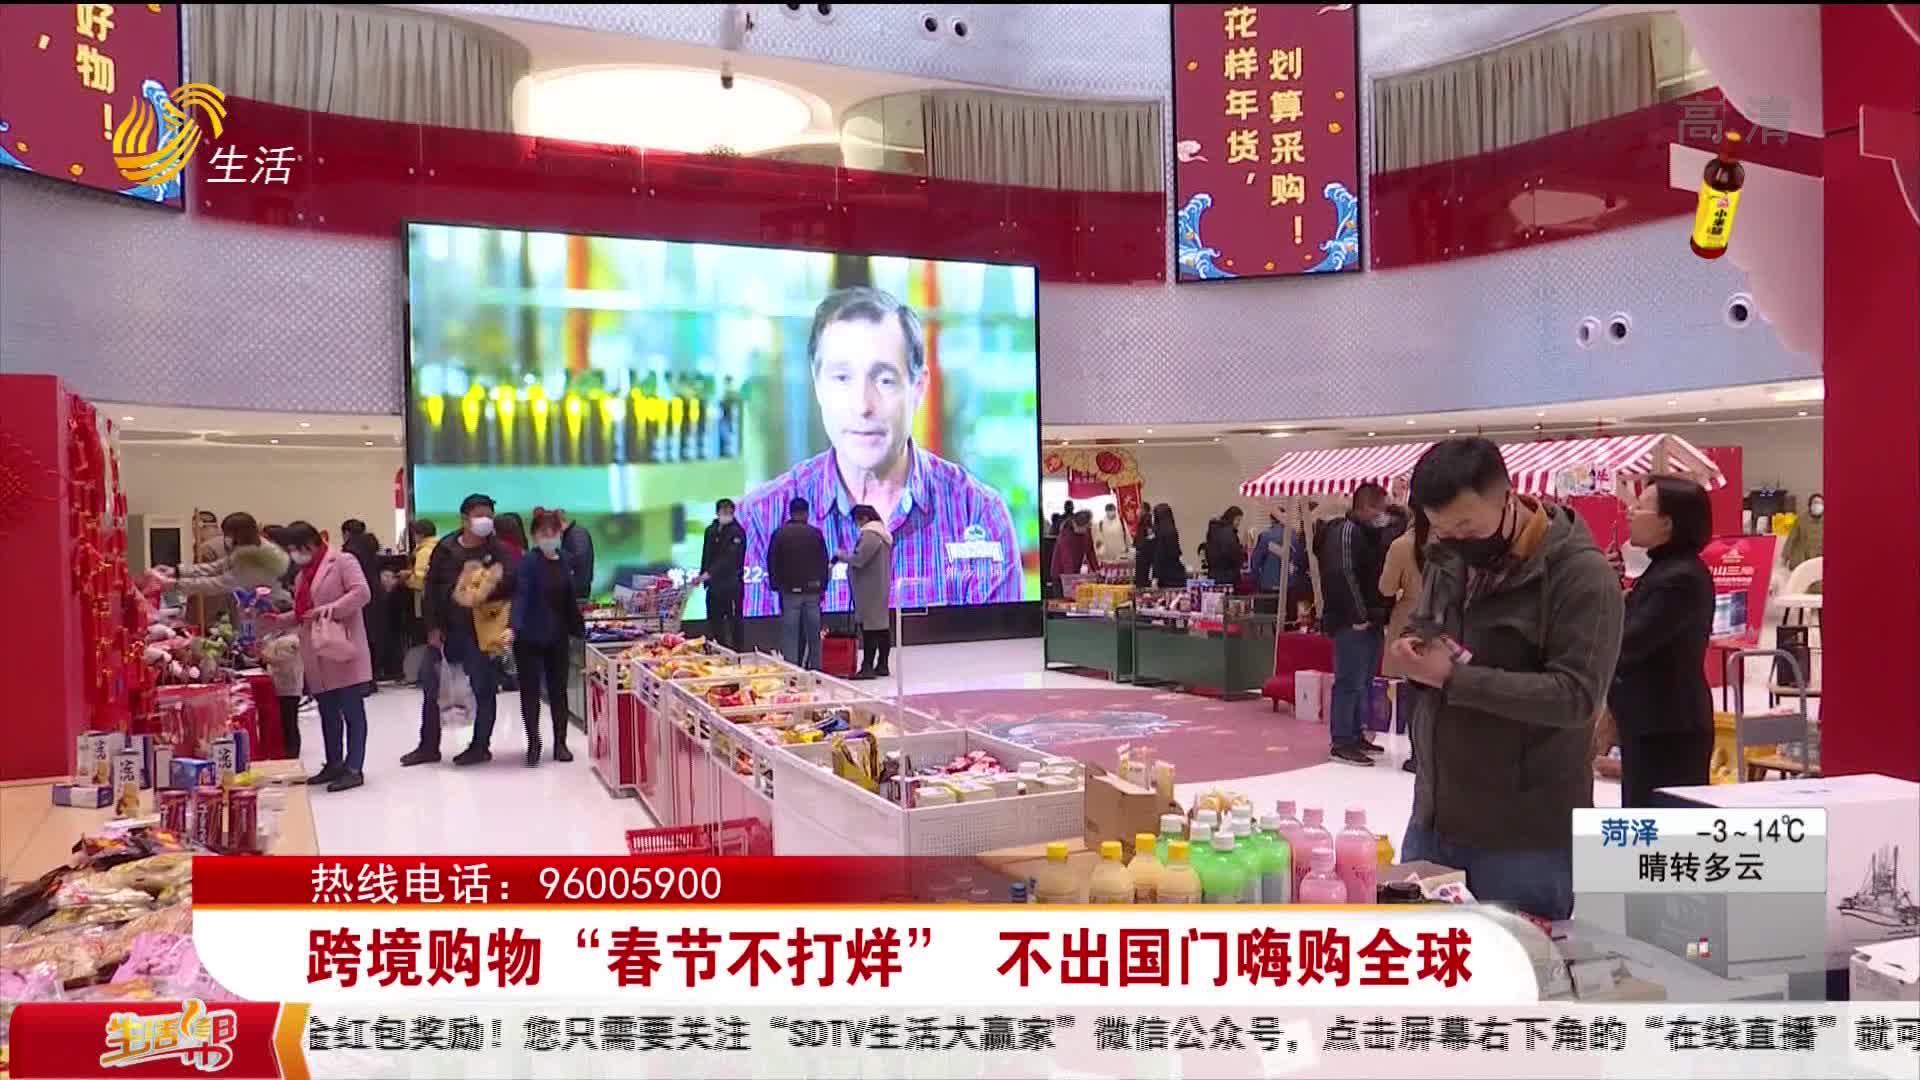 """跨境购物""""春节不打烊"""" 不出国门嗨购全球"""